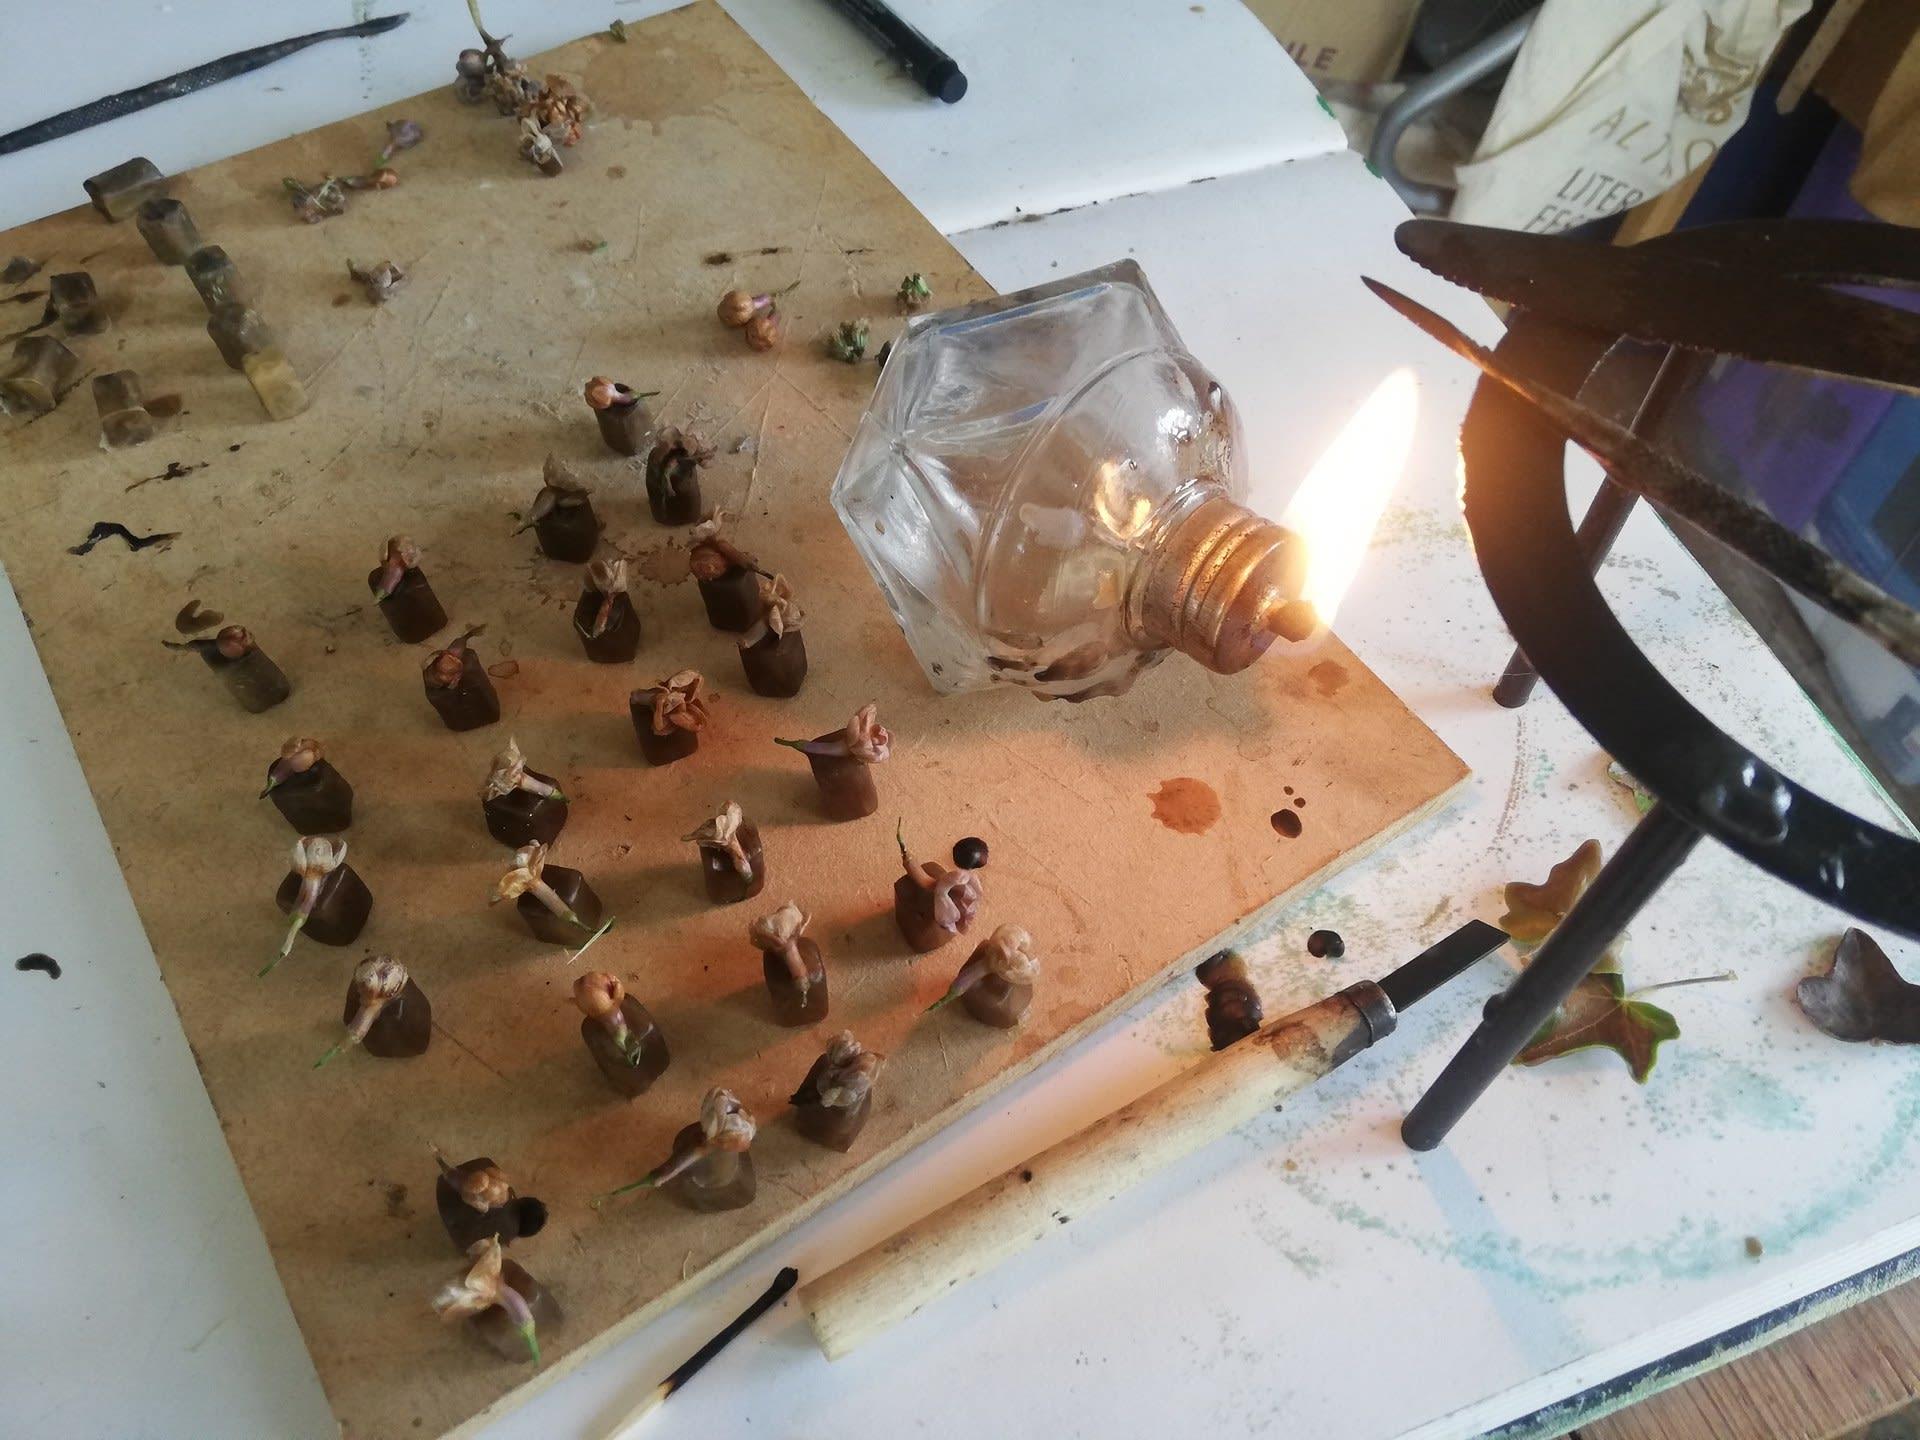 Wax working in the studio